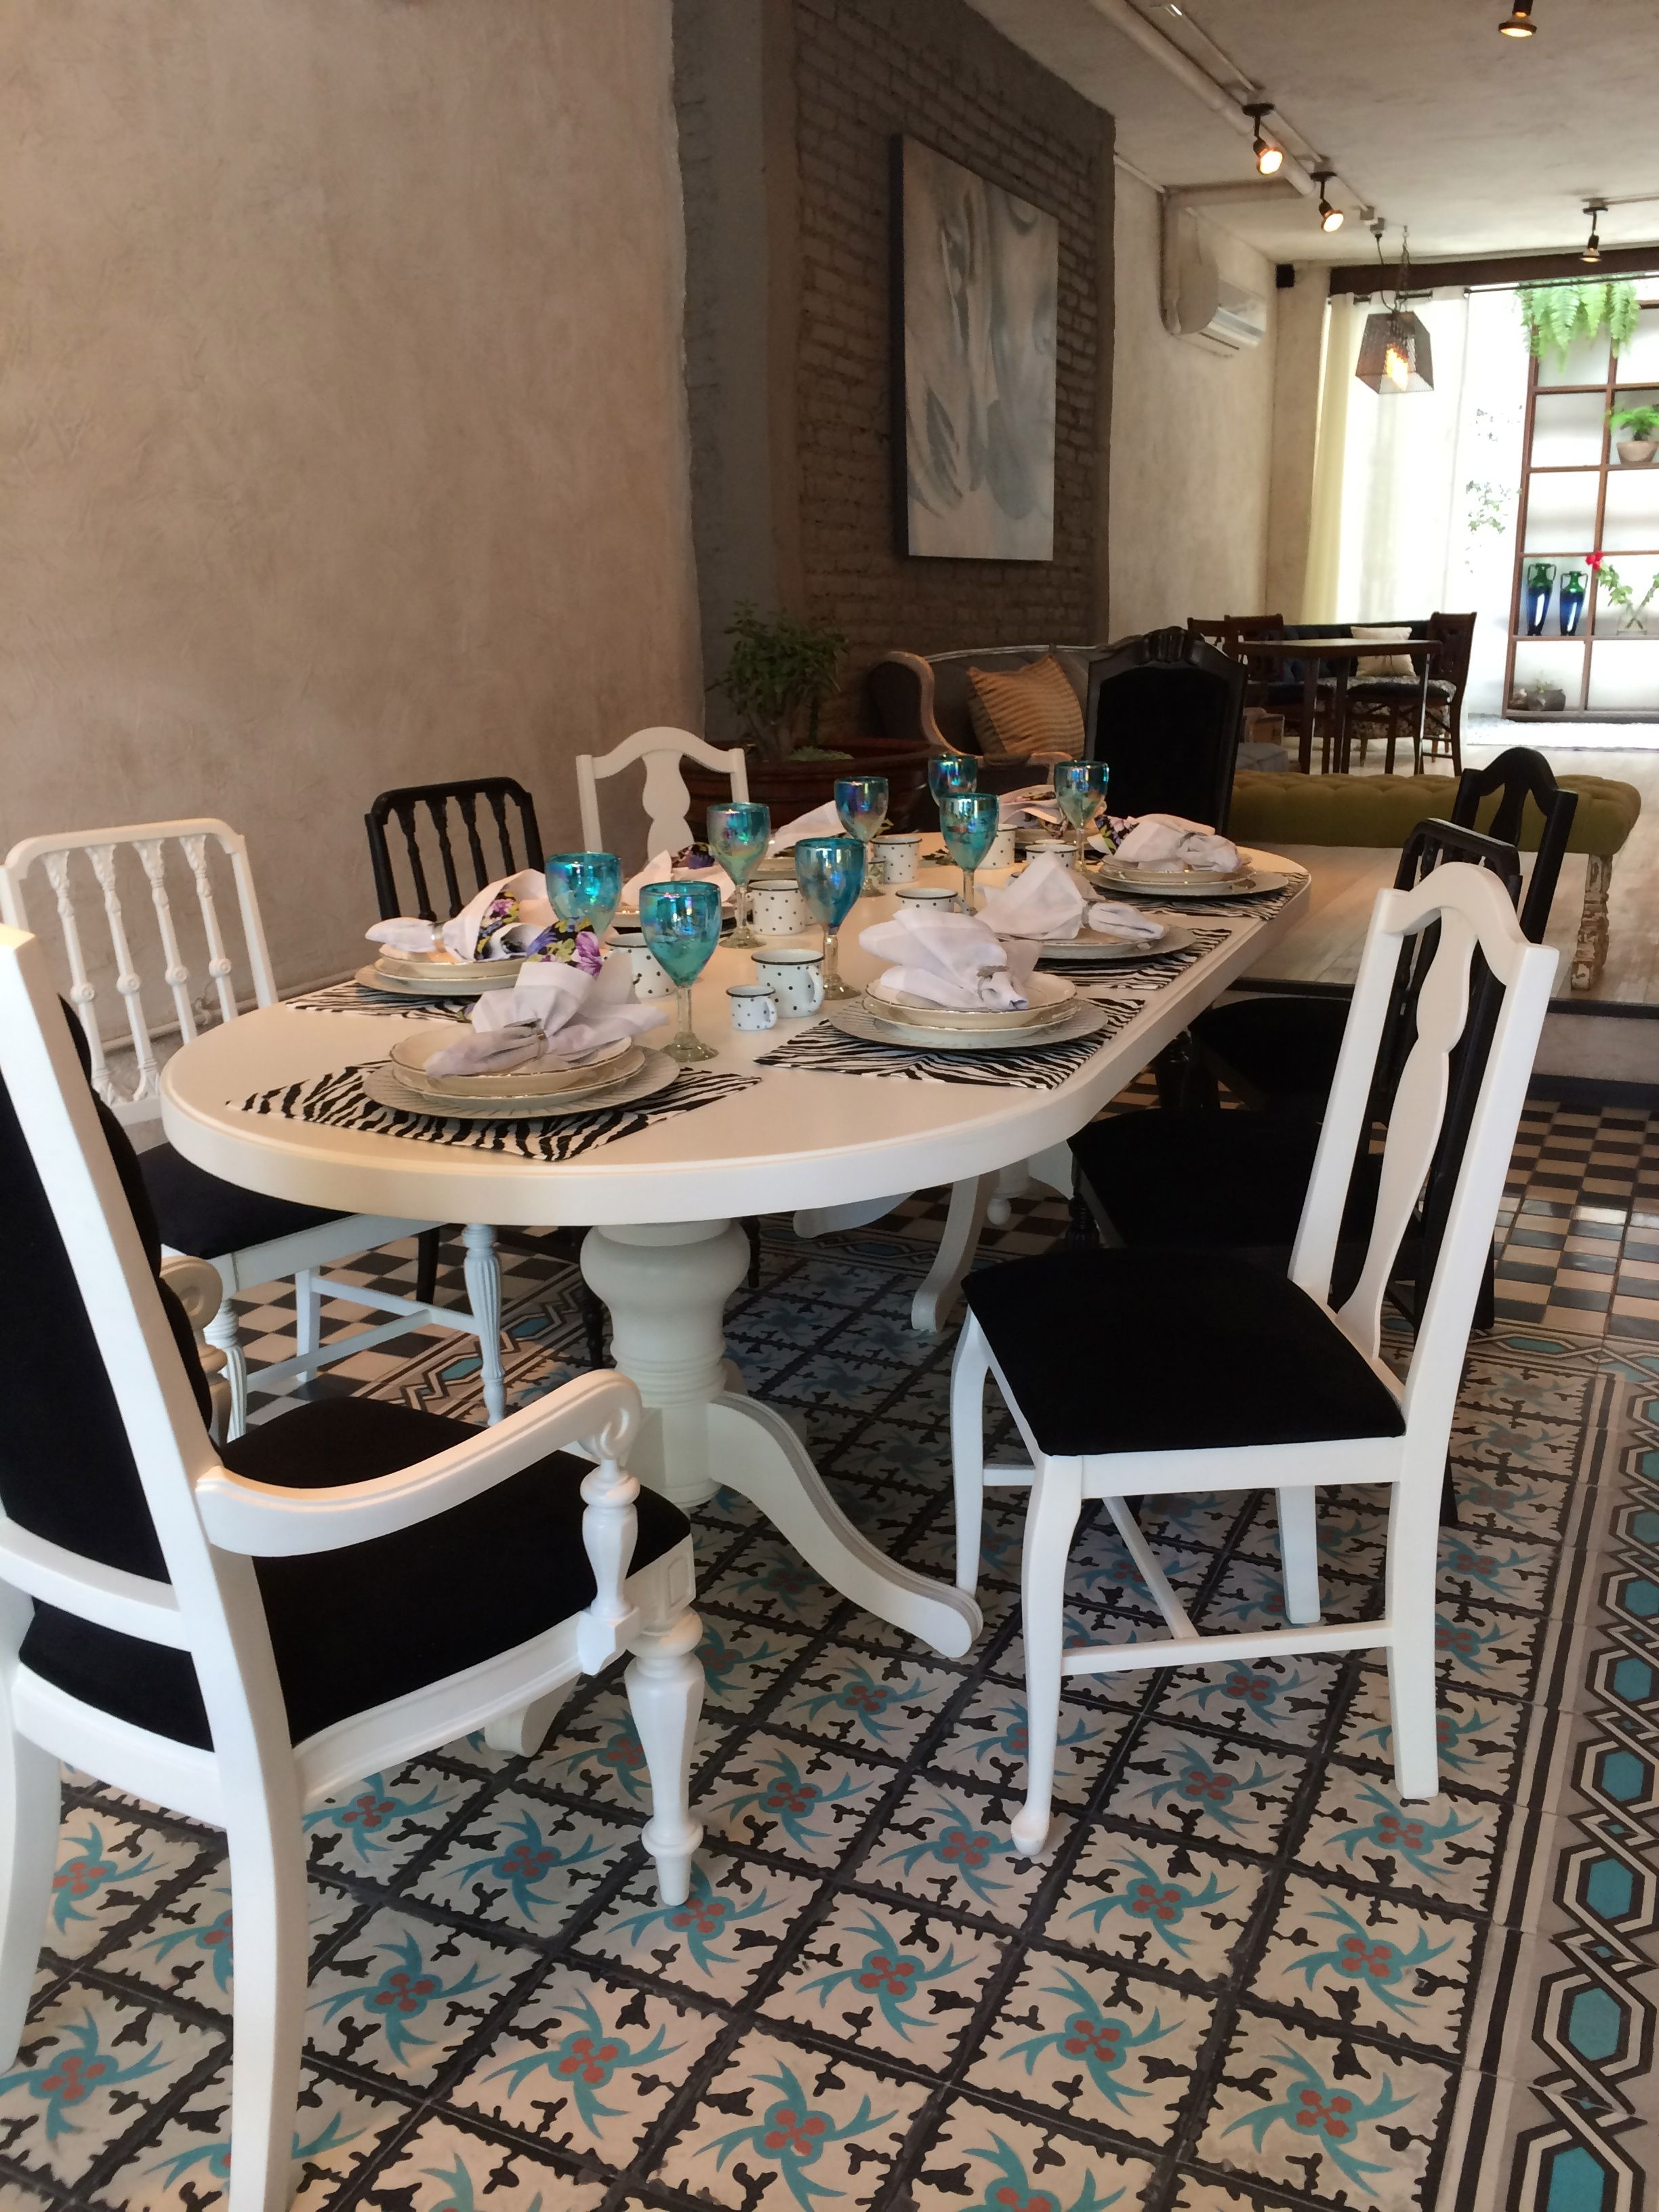 Comedor estilo vintage mesa blanca con sillas combinadas - Comedores estilo vintage ...